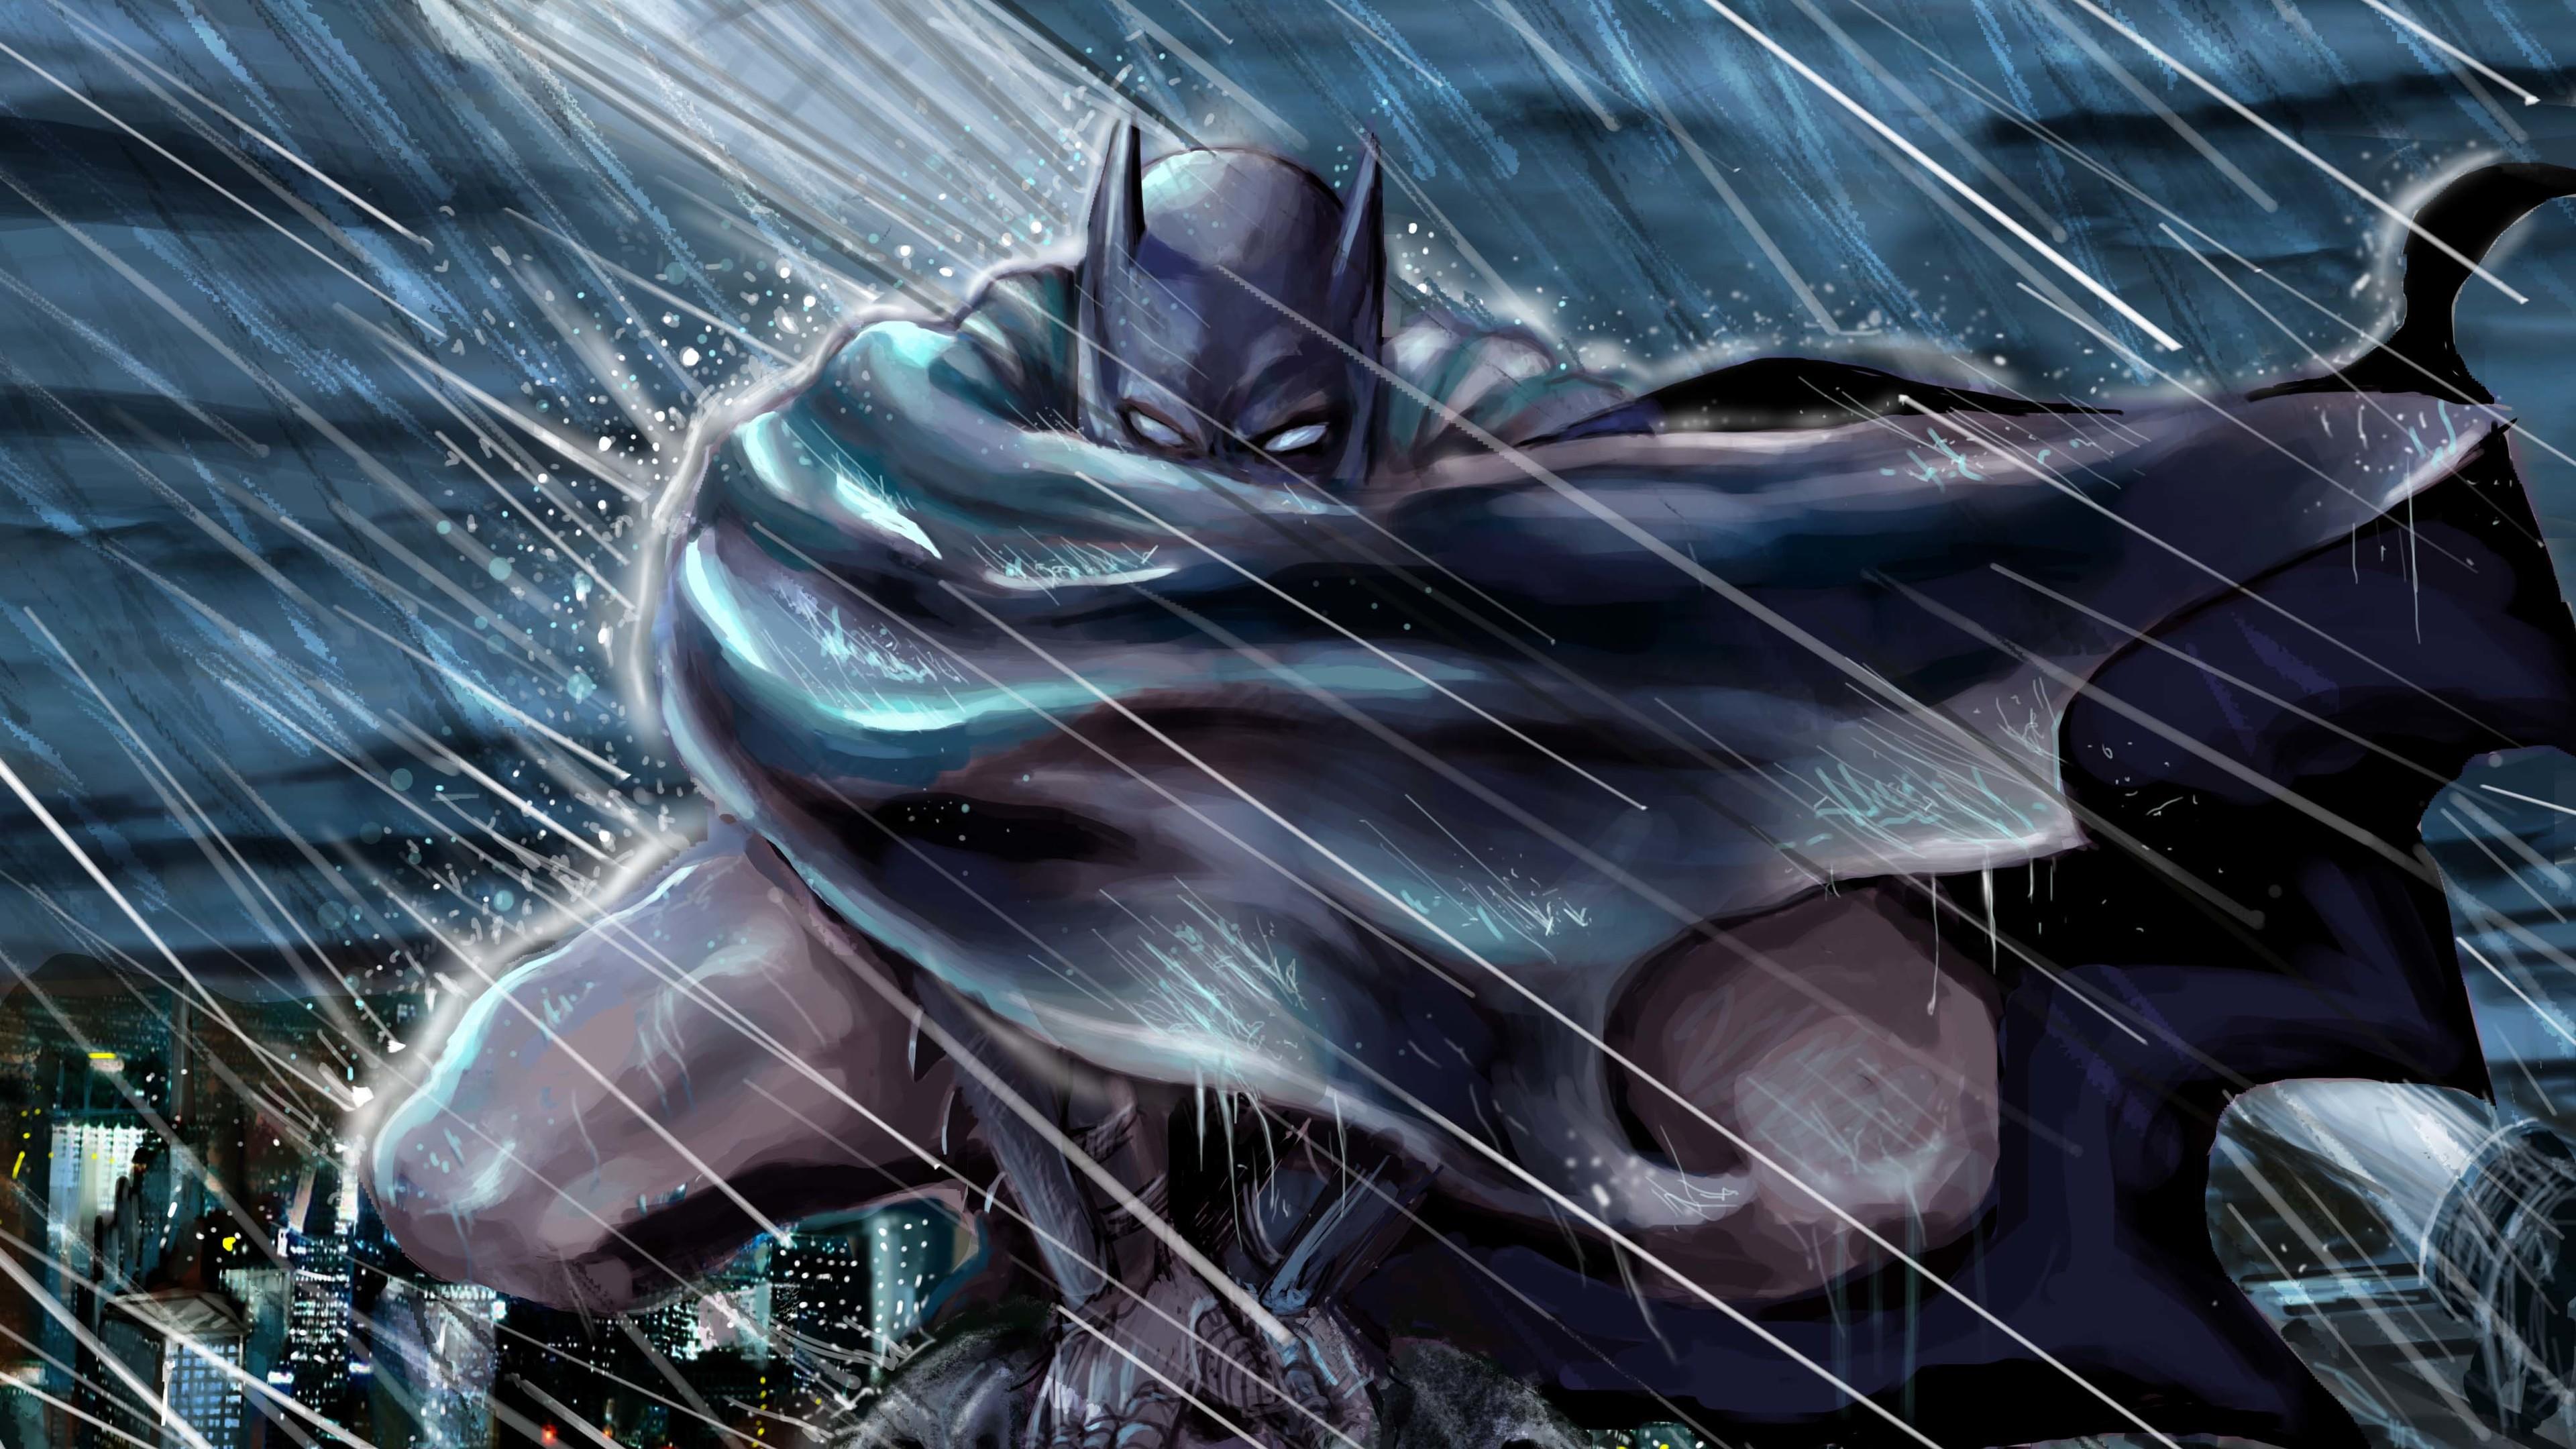 batman gotham roof top protecter 4k 1545588489 - Batman Gotham Roof Top Protecter 4k - superheroes wallpapers, hd-wallpapers, digital art wallpapers, deviantart wallpapers, batman wallpapers, artwork wallpapers, artist wallpapers, 4k-wallpapers